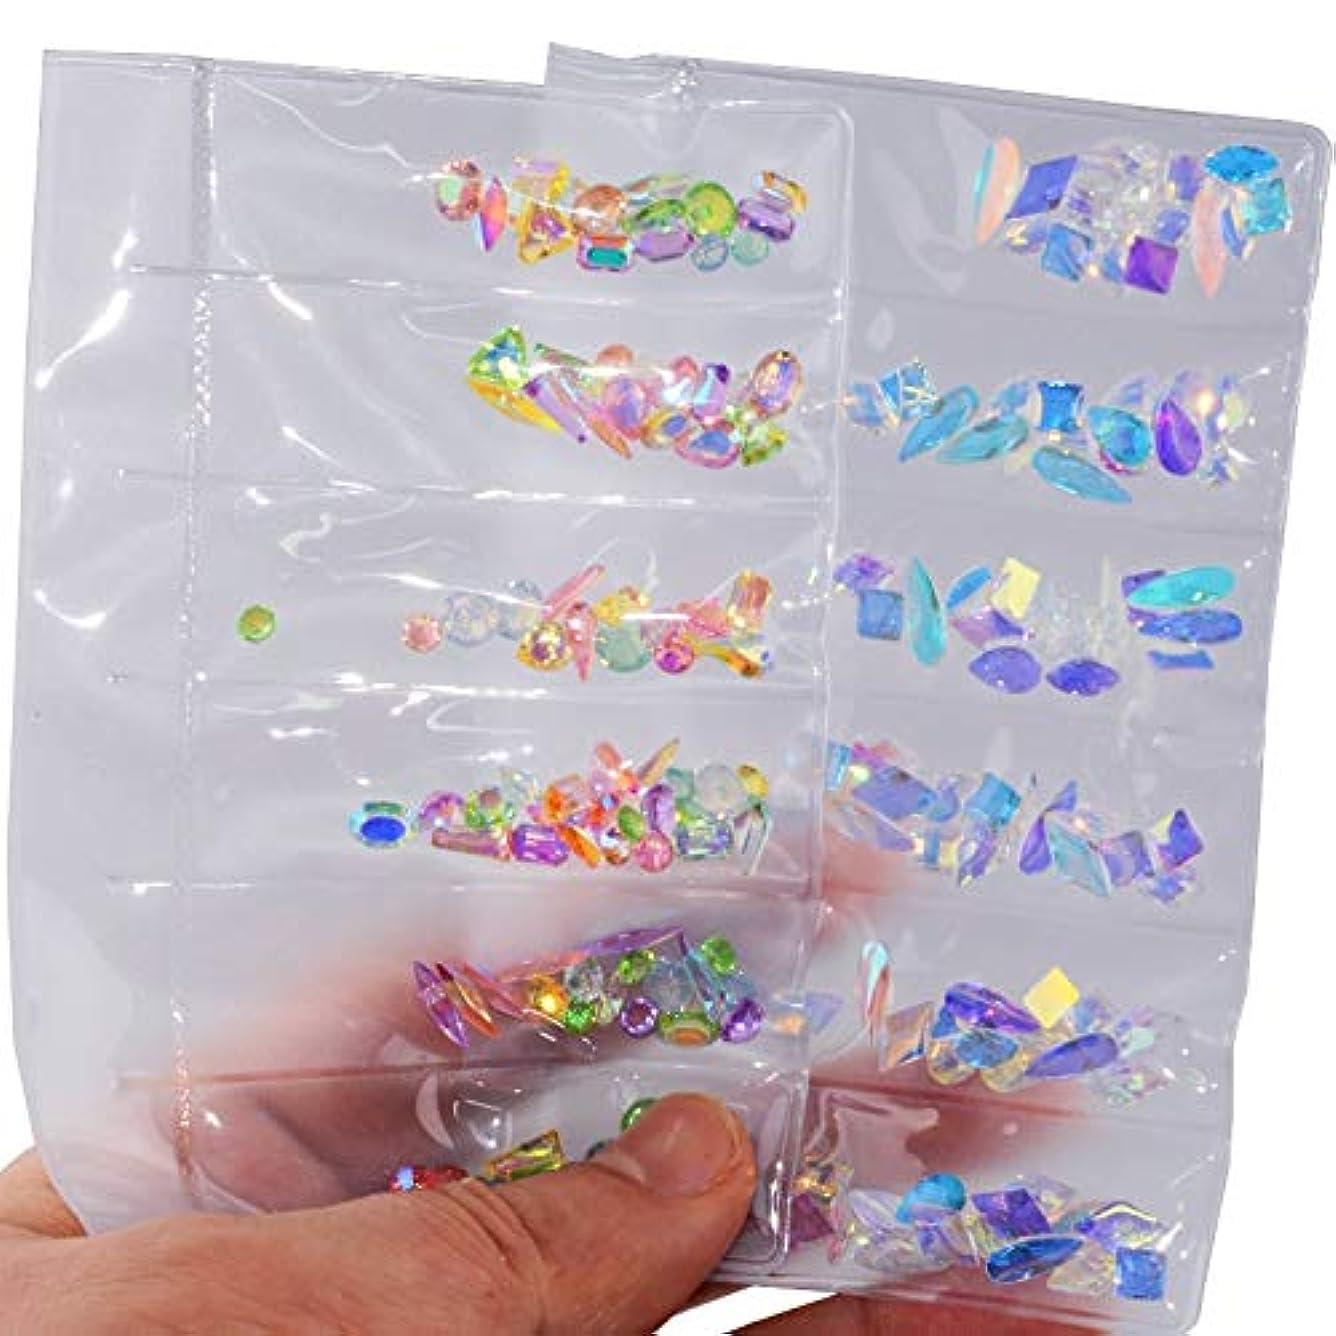 スープホスト怠2パックセットネイルアートラインストーンネイルアートデコレーションフラットバックガラスダイヤモンドティアドロップ馬の目の水晶石